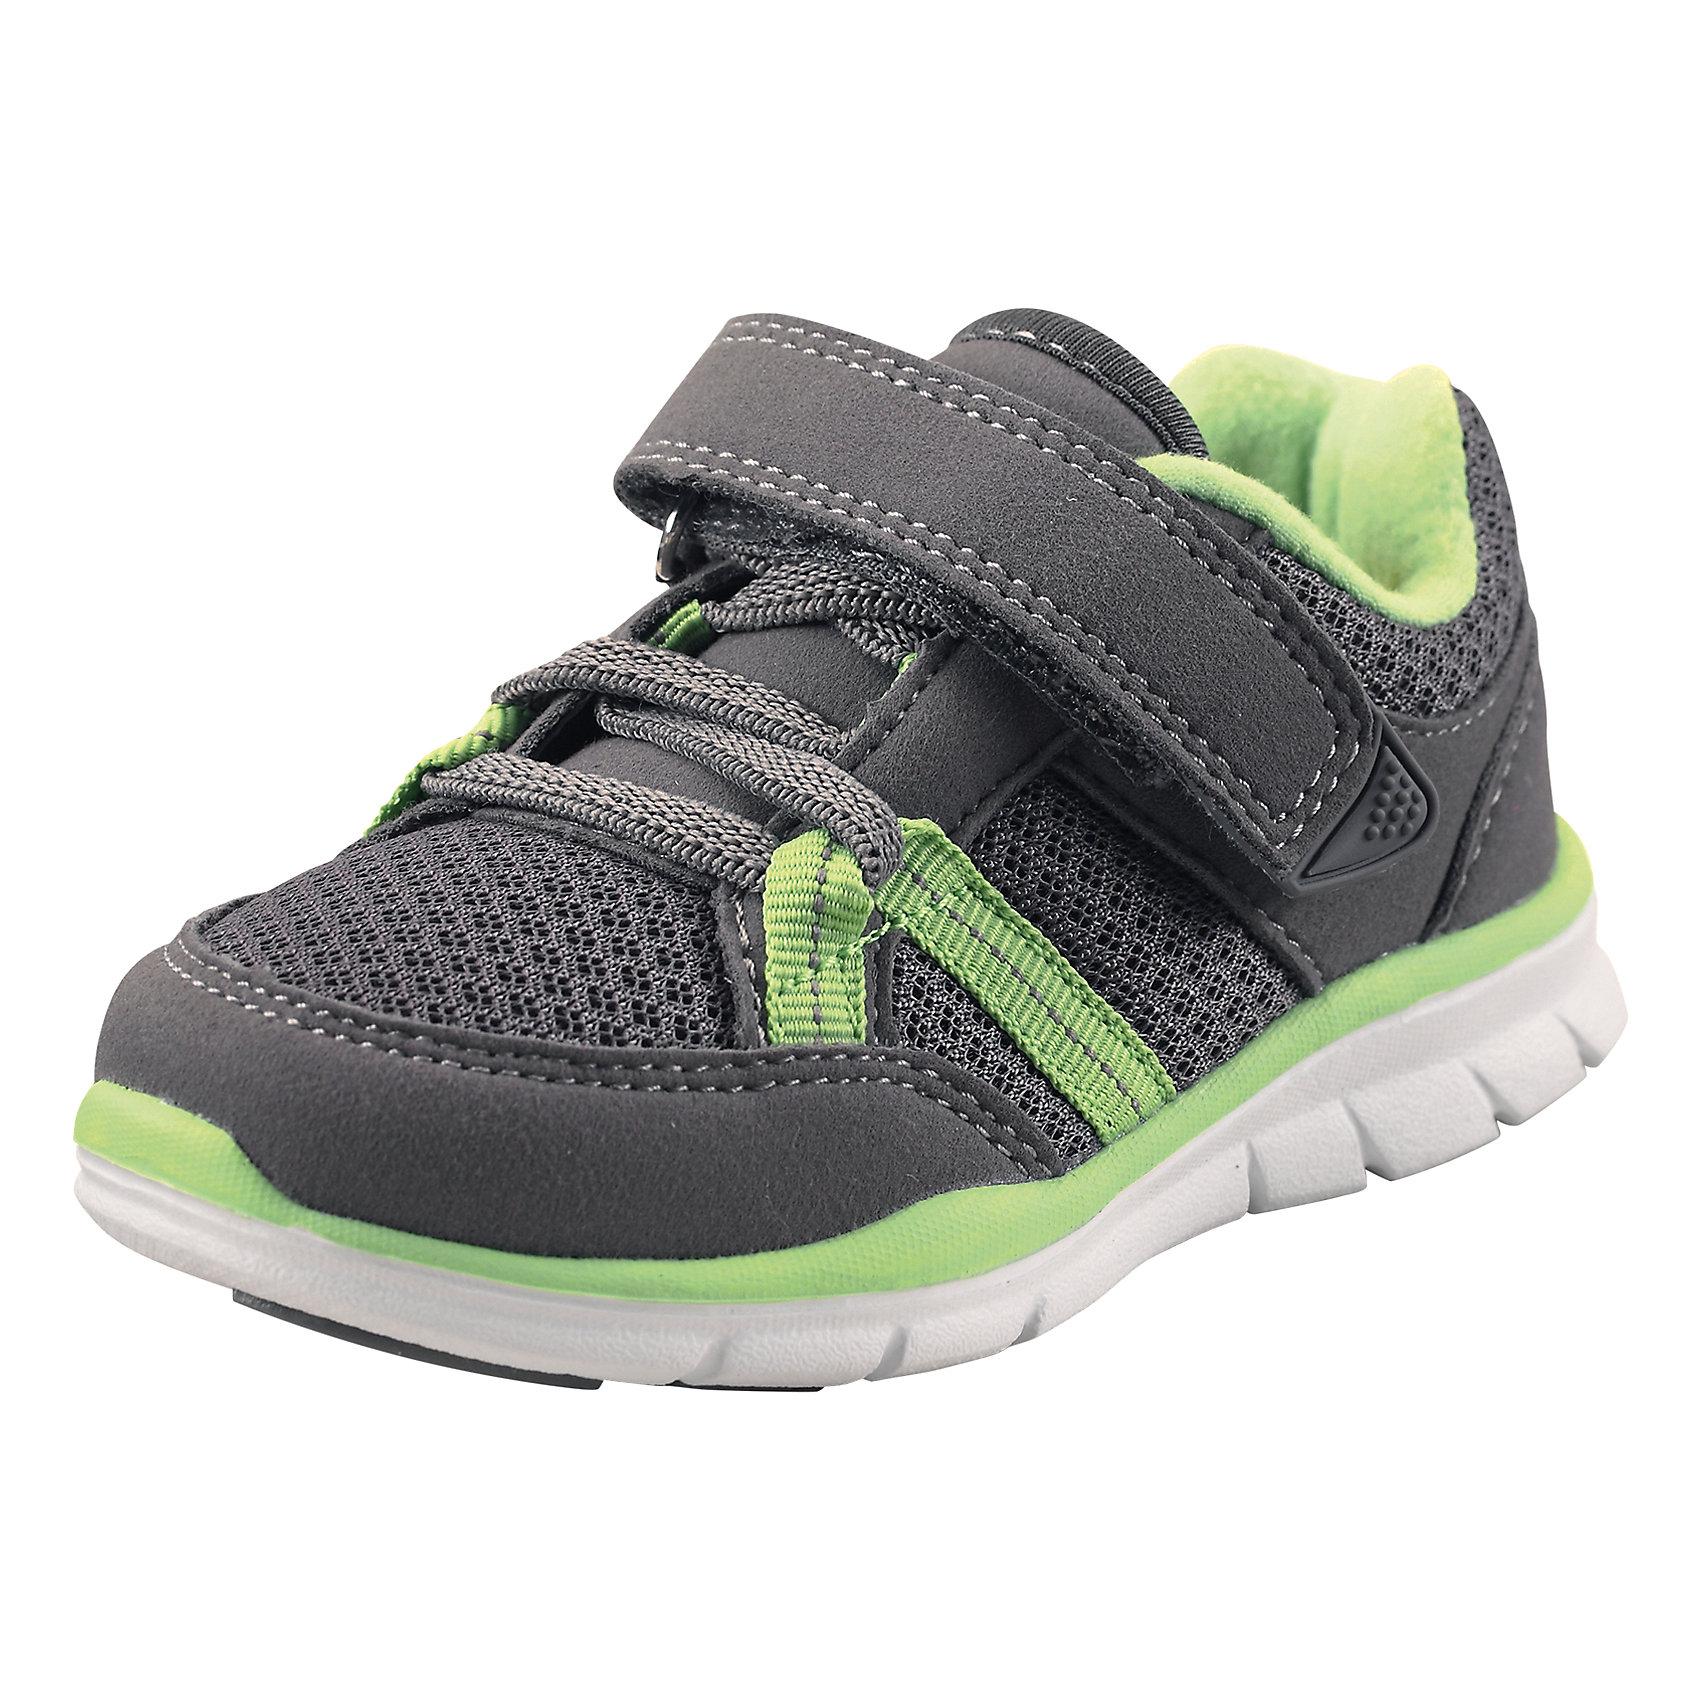 Кроссовки ReimaЭти ботиночки, которые легко обувать и легко чистить, просто незаменимы в веселую весеннюю и летнюю пору! Модные и легкие ботинки Reima® для малышей превосходно подойдут активным маленьким любителям летних приключений. Верх изготовлен из дышащего материала из mesh-сетки, а бесшовная лайкровая подкладка защитит ножки от натирания. Благодаря эластичным шнуркам и удобному ремешку на липучке малыши смогут надеть эти ботинки сами. Благодаря широкому вырезу их очень легко надевать. Хорошая новость для мам и пап: эти сандалии пригодны для машинной стирки — одной заботой меньше! Однако помните, что для них нужно выбрать программу деликатной стирки. <br><br>Дополнительная информация:<br><br>Обувь для малышей<br>Верх из быстросохнущего текстиля и синтетических материалов<br>Эластичная и легкая подошва из ЭВА<br>Подошва, не оставляющая черных полос<br>Подкладка из лайкры для удобства использования<br>Съемные формованные стельки из ЭВА с подкладкой из лайкры и рисунком Happy Fit, который помогает определить размер<br>Простая застежка на липучке с эластичными шнурками для регулировки размера<br>Легко надеваются на ноги<br>Можно стирать в машине при температуре 30 °C<br>«Дышащая» и легкая обувь<br>Светоотражающие детали<br>Состав:<br>Подошва: EVA, резина Верх: 60% ПЭ 40% ПУ<br>Уход:<br>Храните обувь в вертикальном положении при комнатной температуре. Сушить обувь всегда следует при комнатной температуре: вынув съемные стельки. Стельки следует время от времени заменять на новые. Налипшую грязь можно счищать щеткой или влажной тряпкой. Перед использованием обувь рекомендуется обрабатывать специальными защитными средствами.<br><br>Ширина мм: 250<br>Глубина мм: 150<br>Высота мм: 150<br>Вес г: 250<br>Цвет: серый<br>Возраст от месяцев: 9<br>Возраст до месяцев: 12<br>Пол: Унисекс<br>Возраст: Детский<br>Размер: 20,27,21,23,25,22,24,26<br>SKU: 4498853